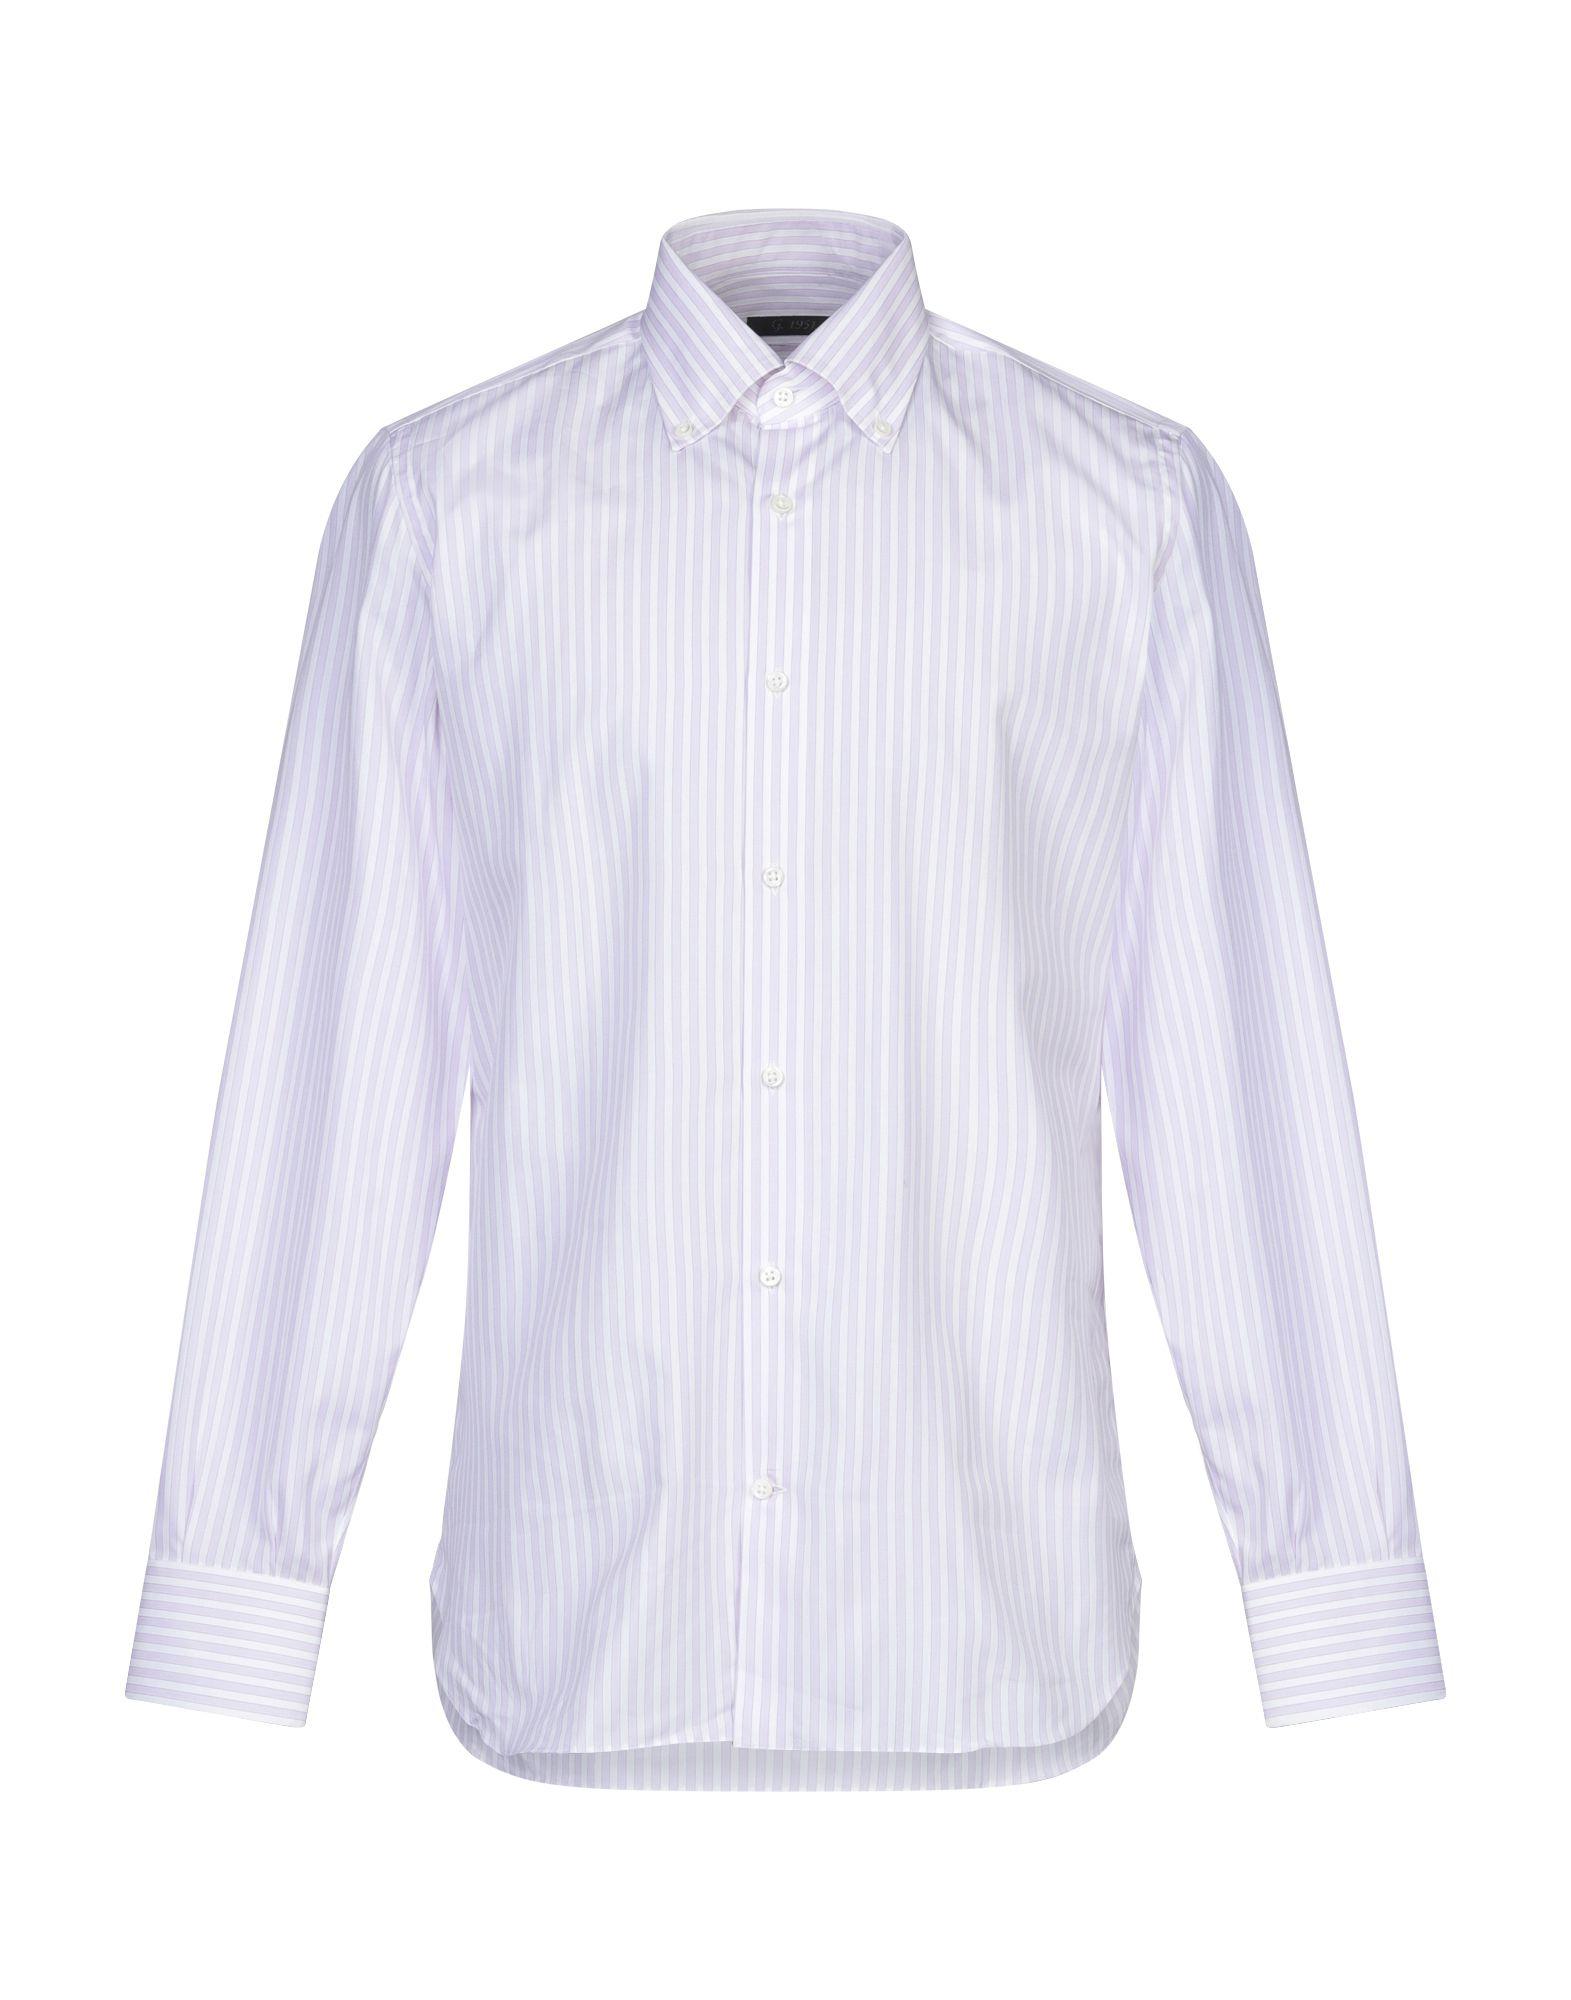 《セール開催中》G.1951 メンズ シャツ ライラック 40 コットン 100%